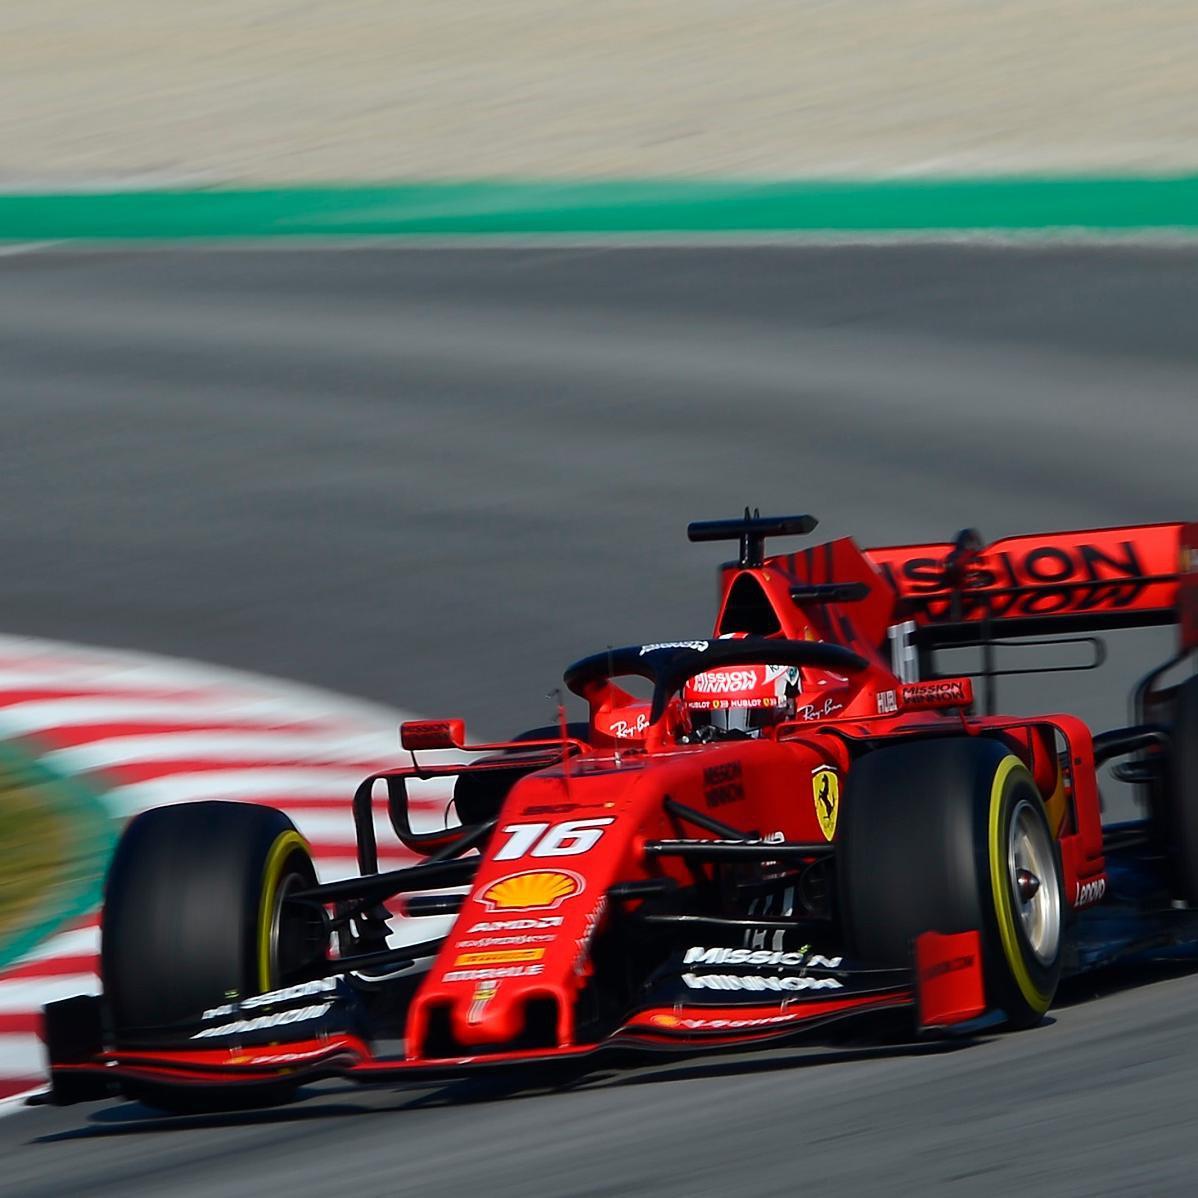 Até o momento, ninguém pode com o ritmo da Ferrari em 2019